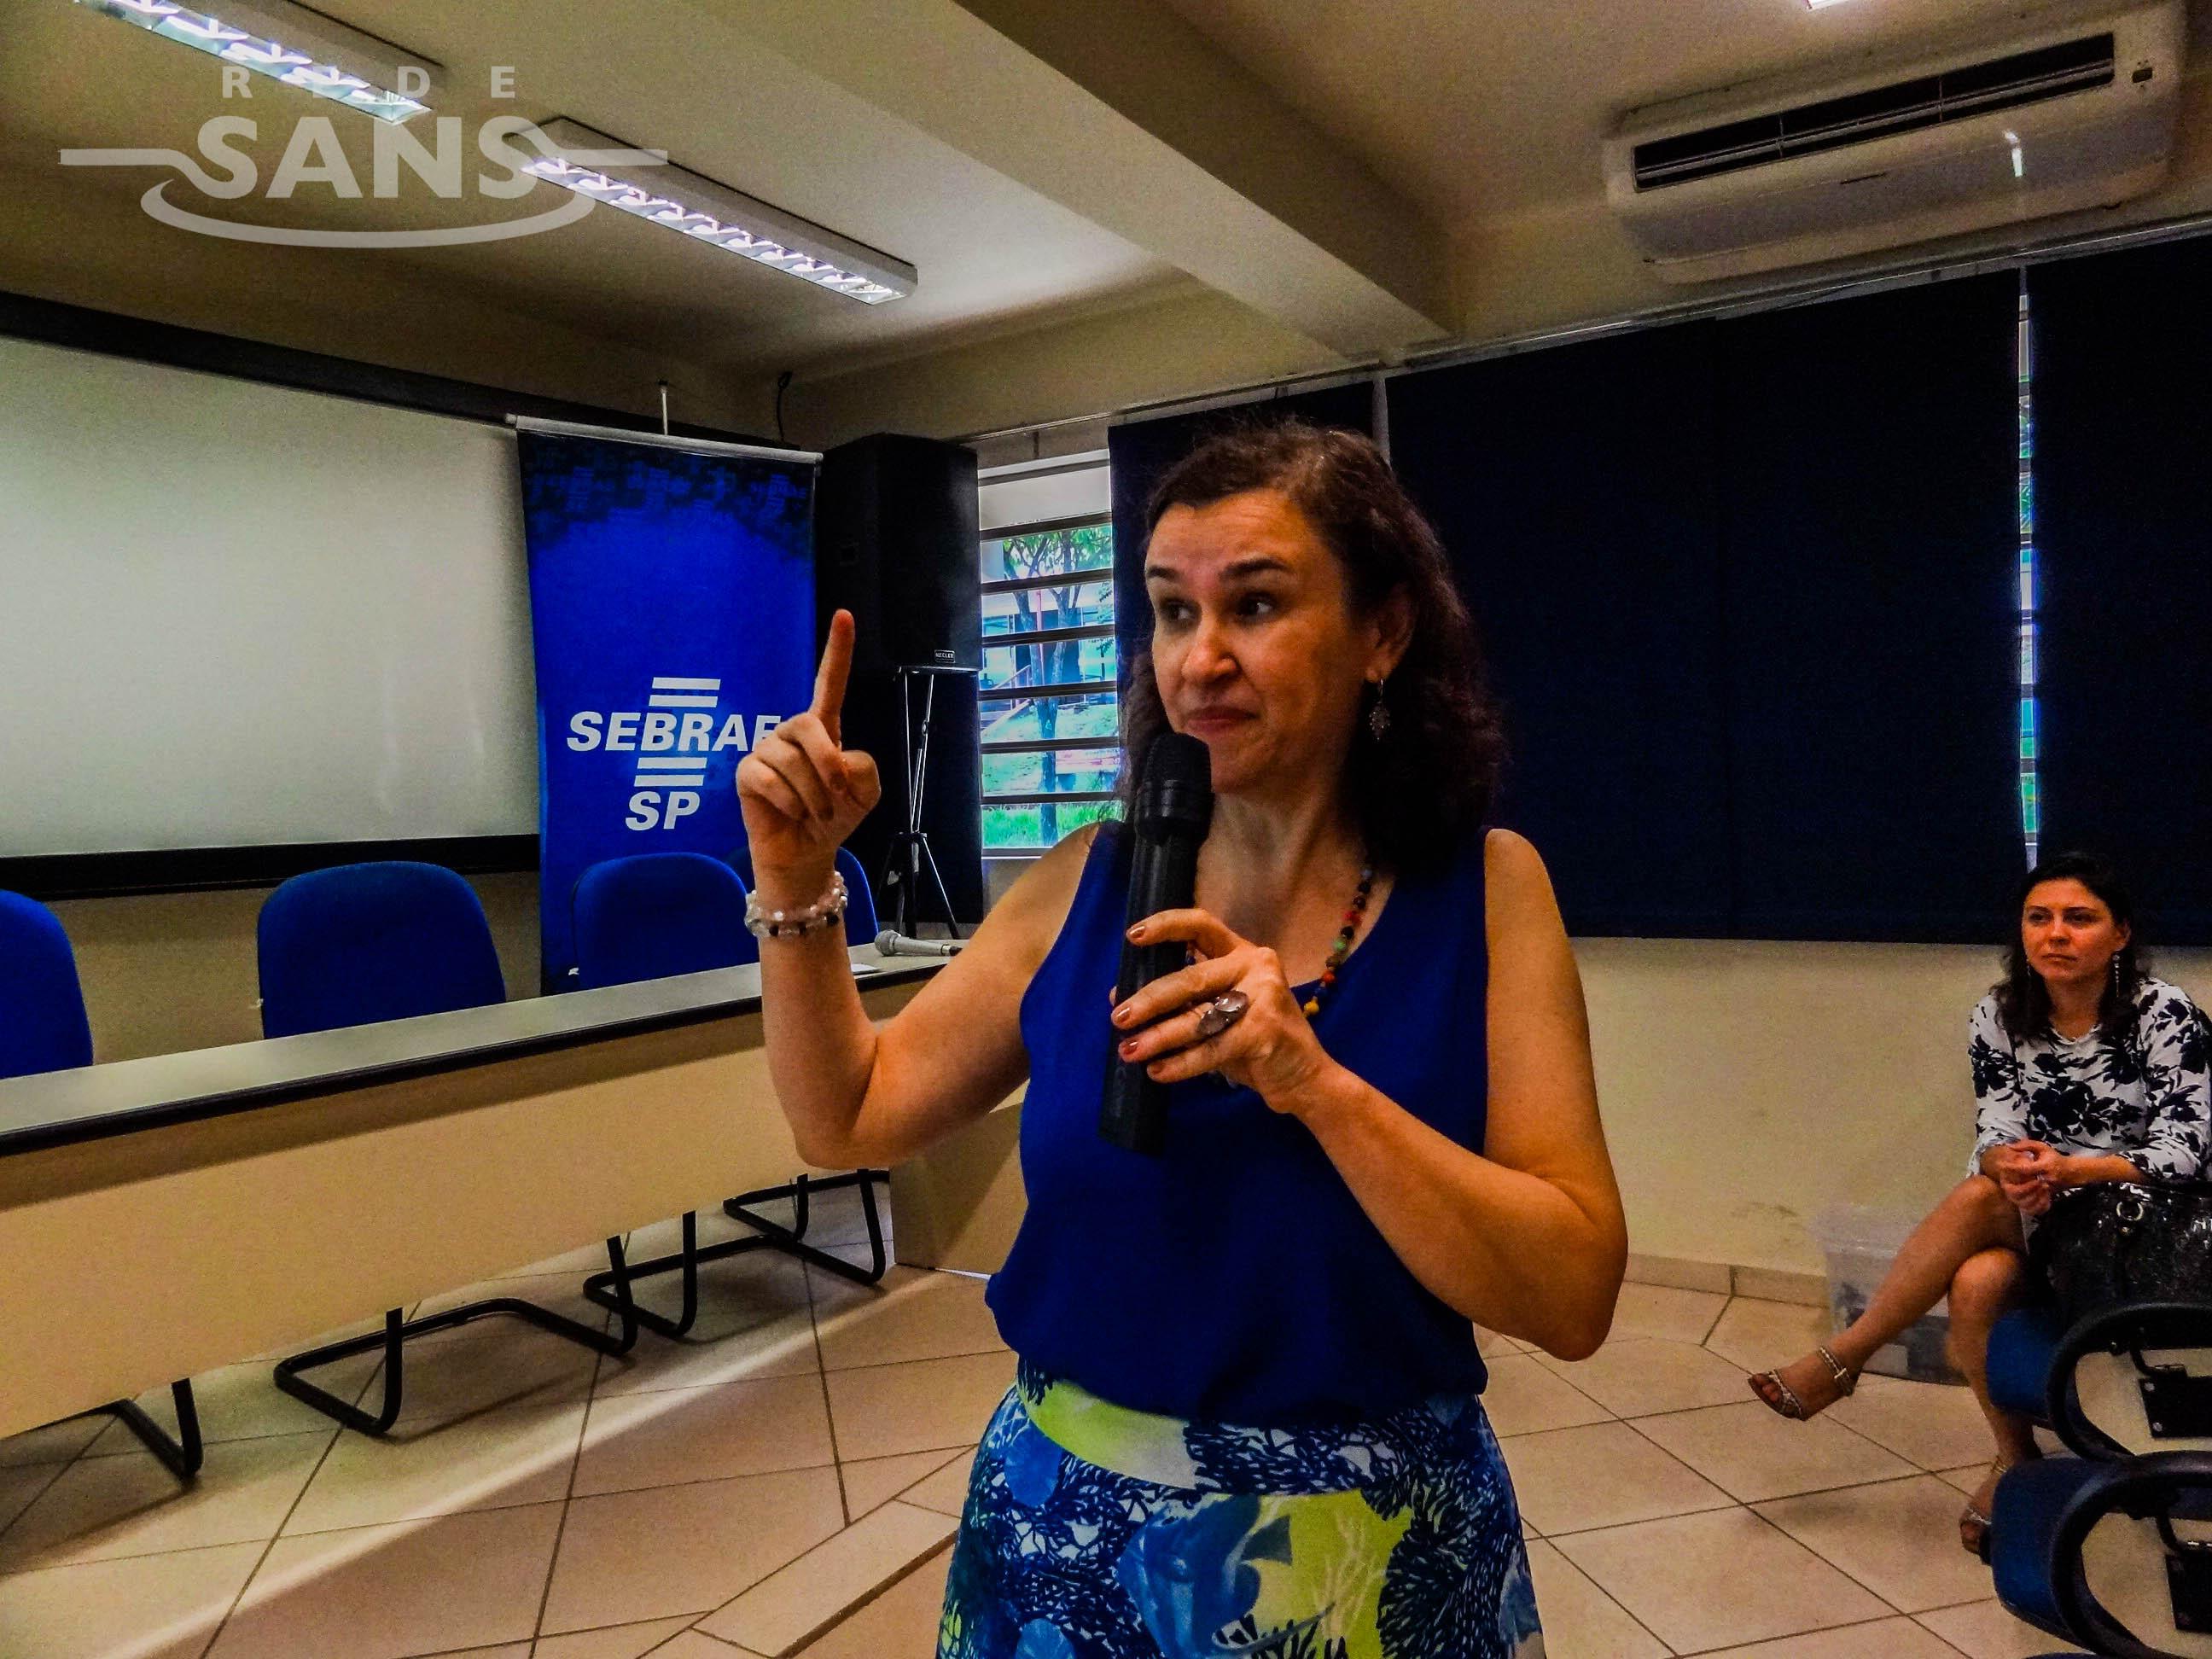 Professora Maria Rita em uma das oficinas realizadas pela Rede Sans no interior de São Paulo (FOTO: Solon Neto / Rede Sans)